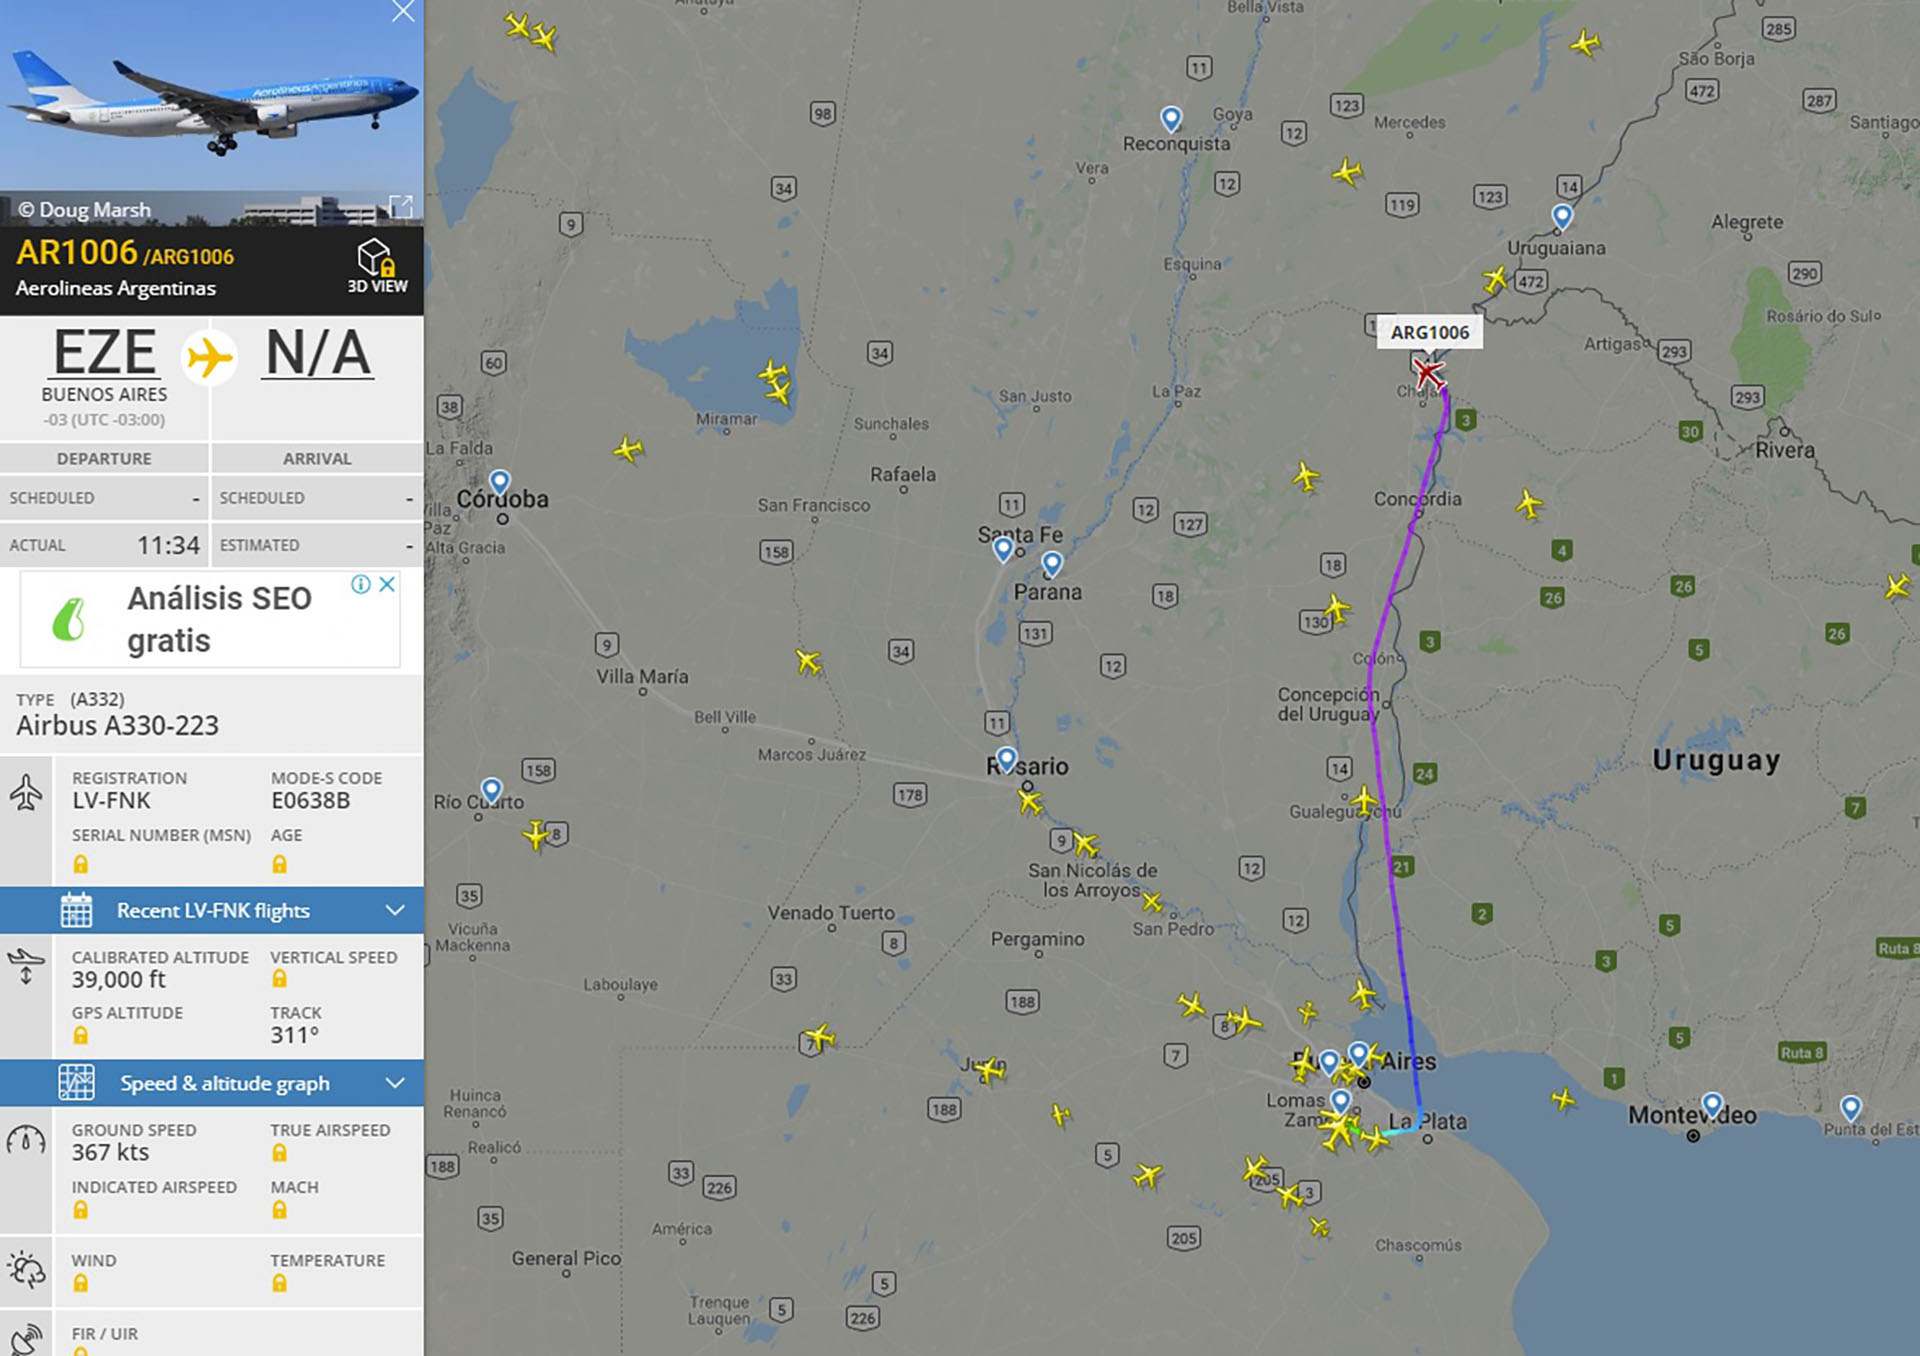 El avión partió a las 11:34 y dos horas después estaba de regreso en Ezeiza (imagencaptura:www.flightradar24.com)